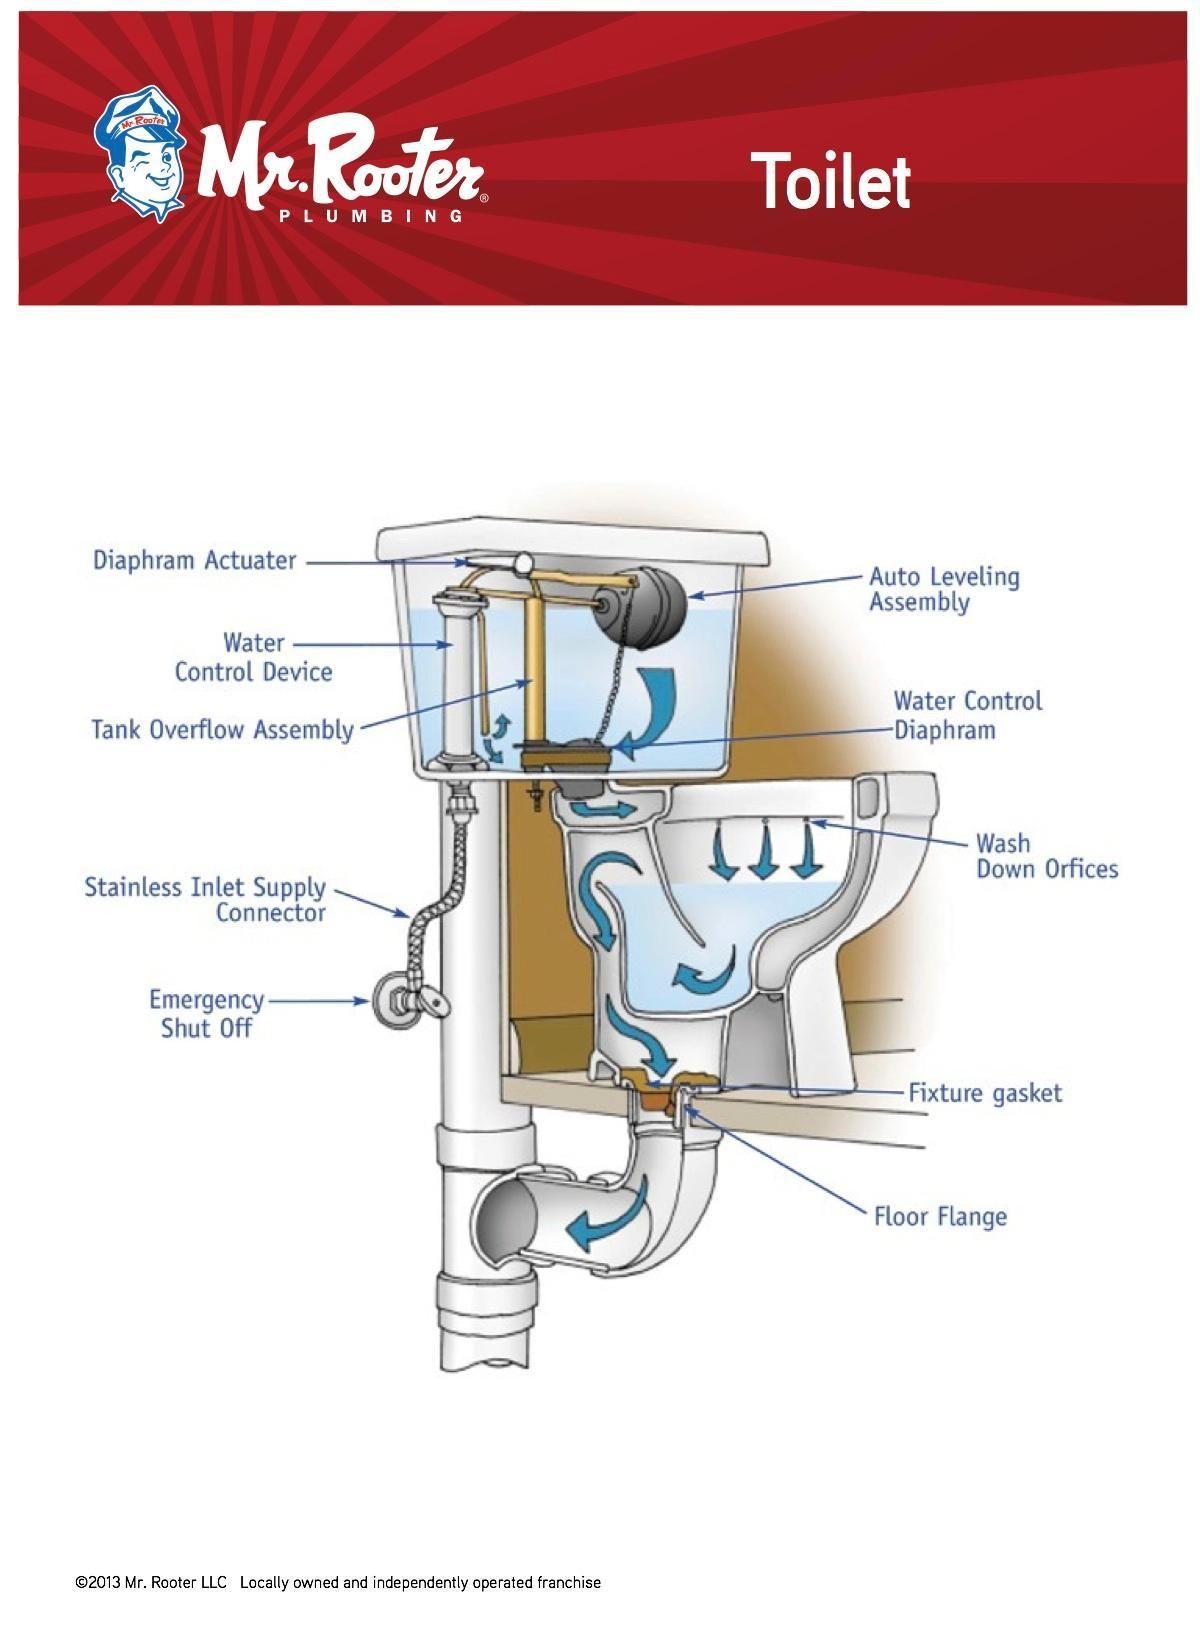 medium resolution of toilet diagram